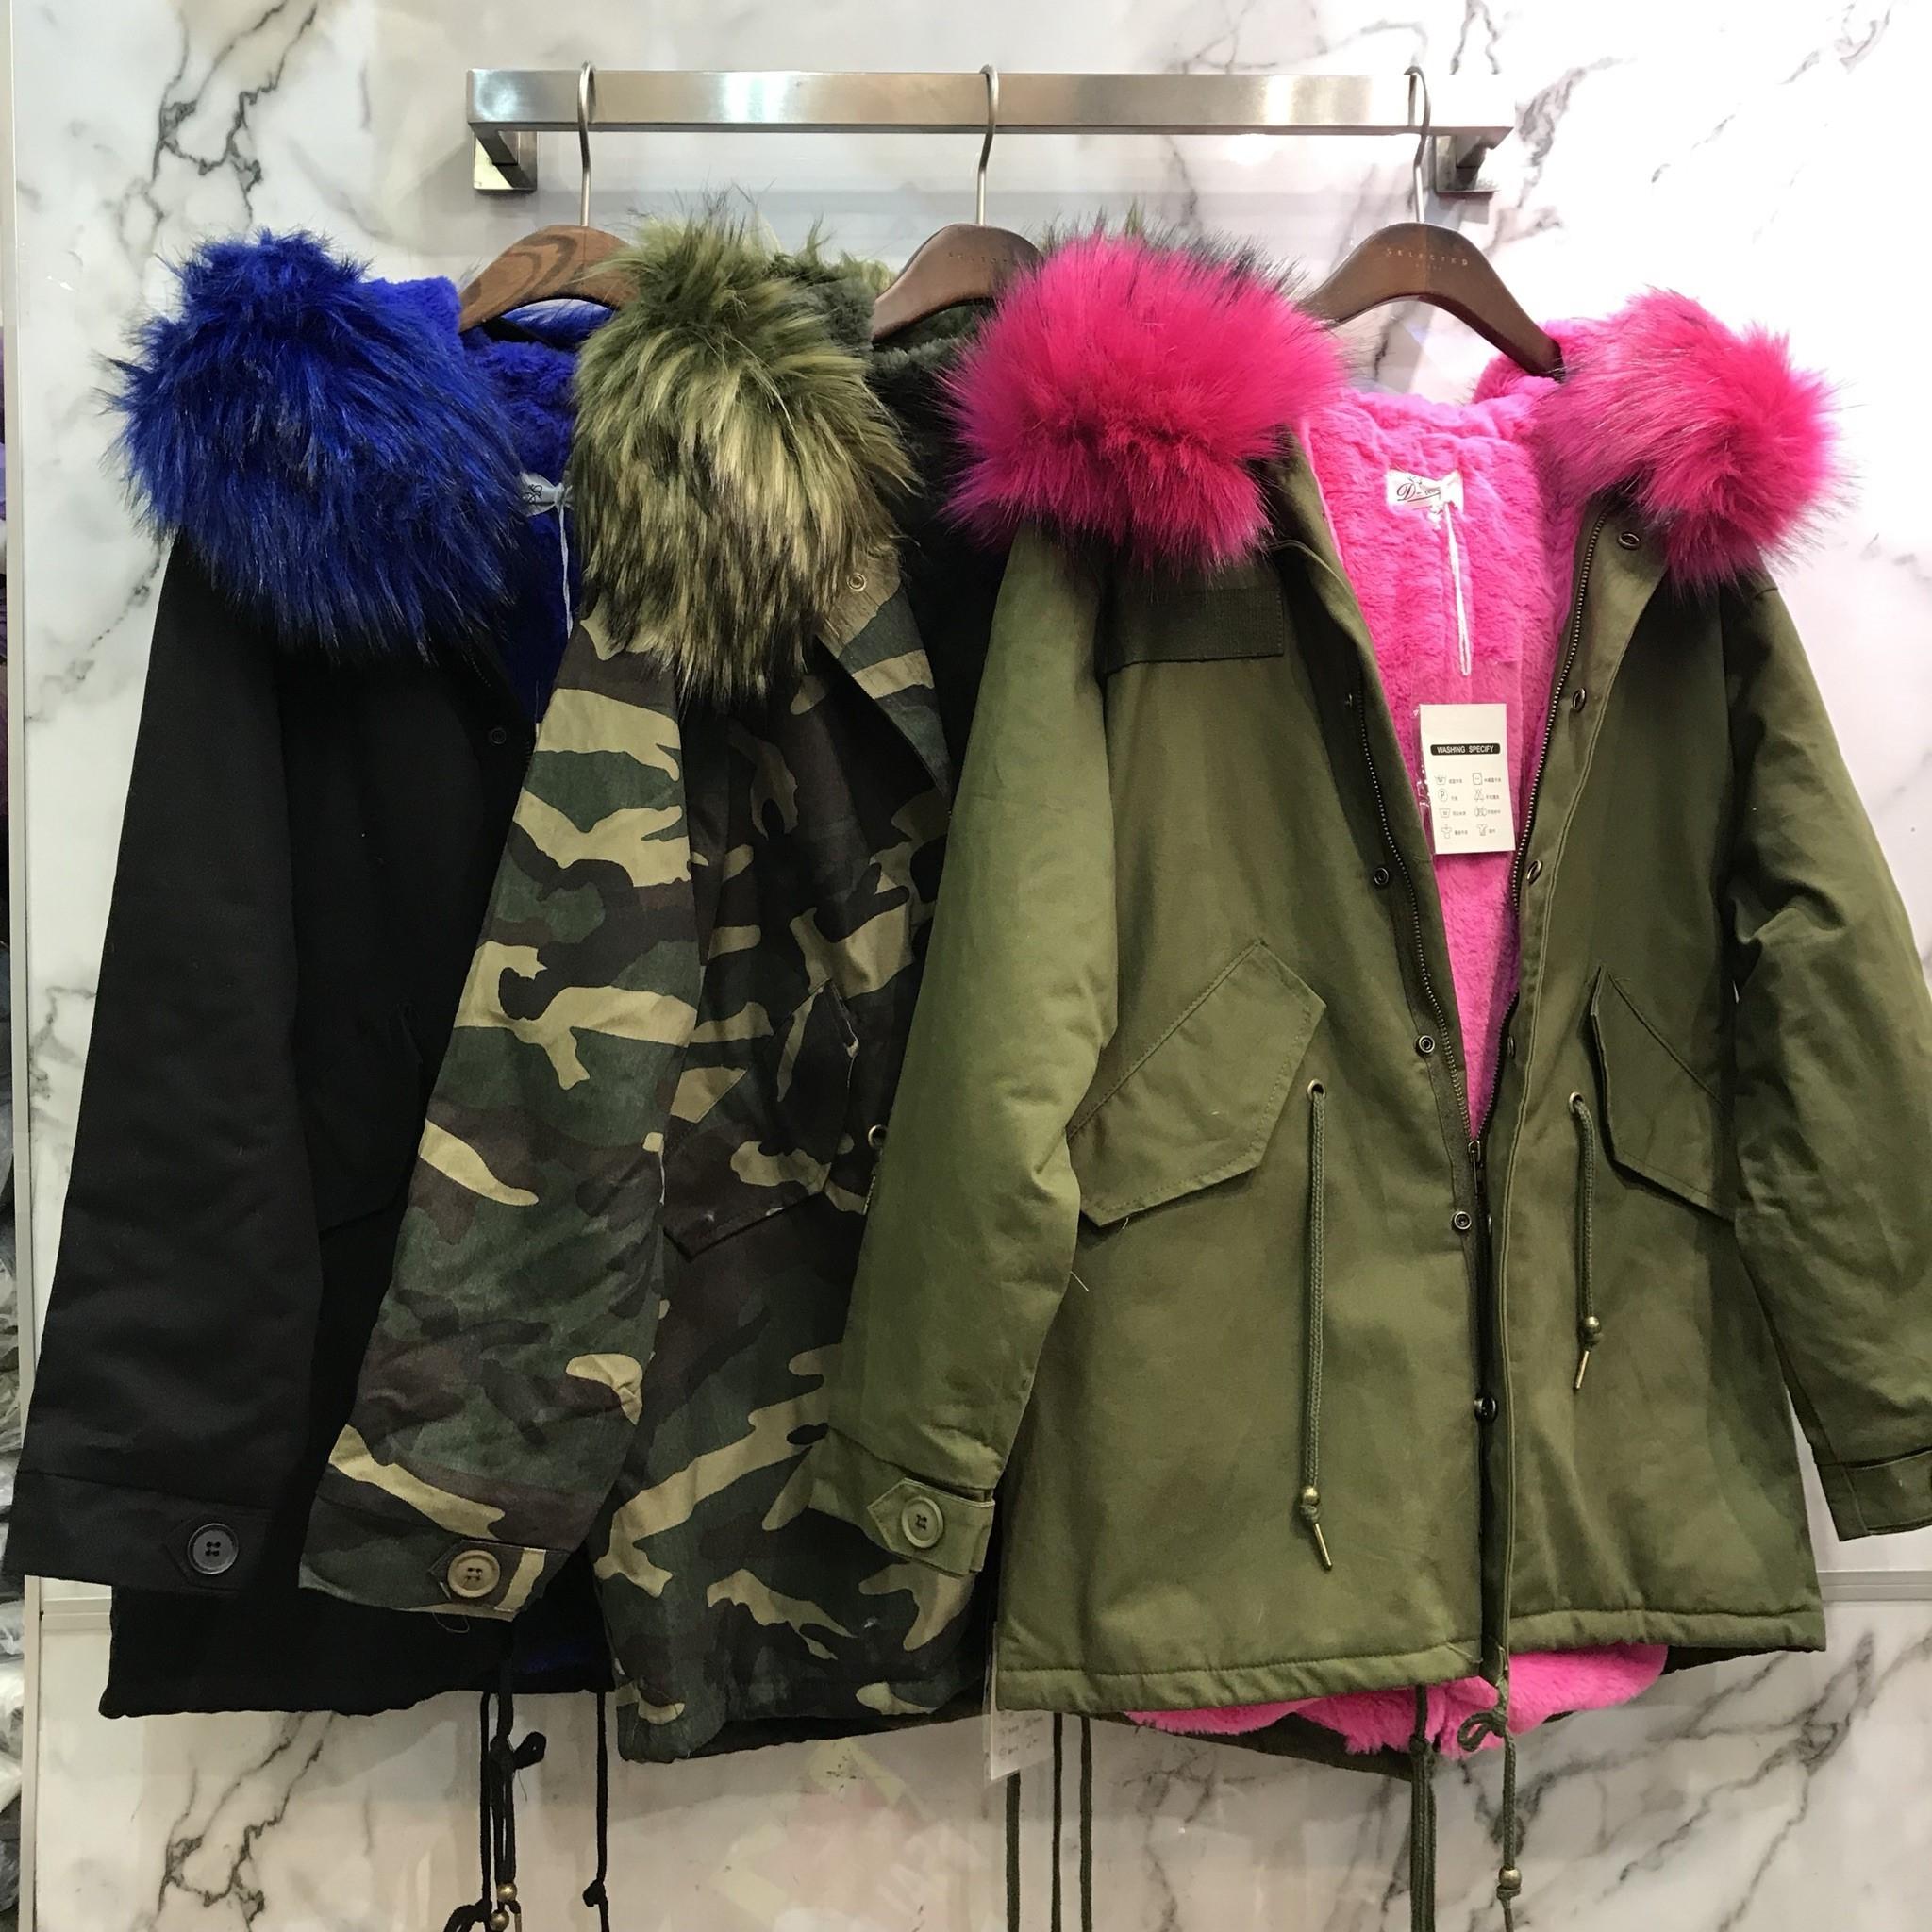 เสื้อผ้าเกาหลีพร้อมส่ง เสื้อกันหนาวตัวยาว บุขนด้านในทั้งตัว มีฮู้ด